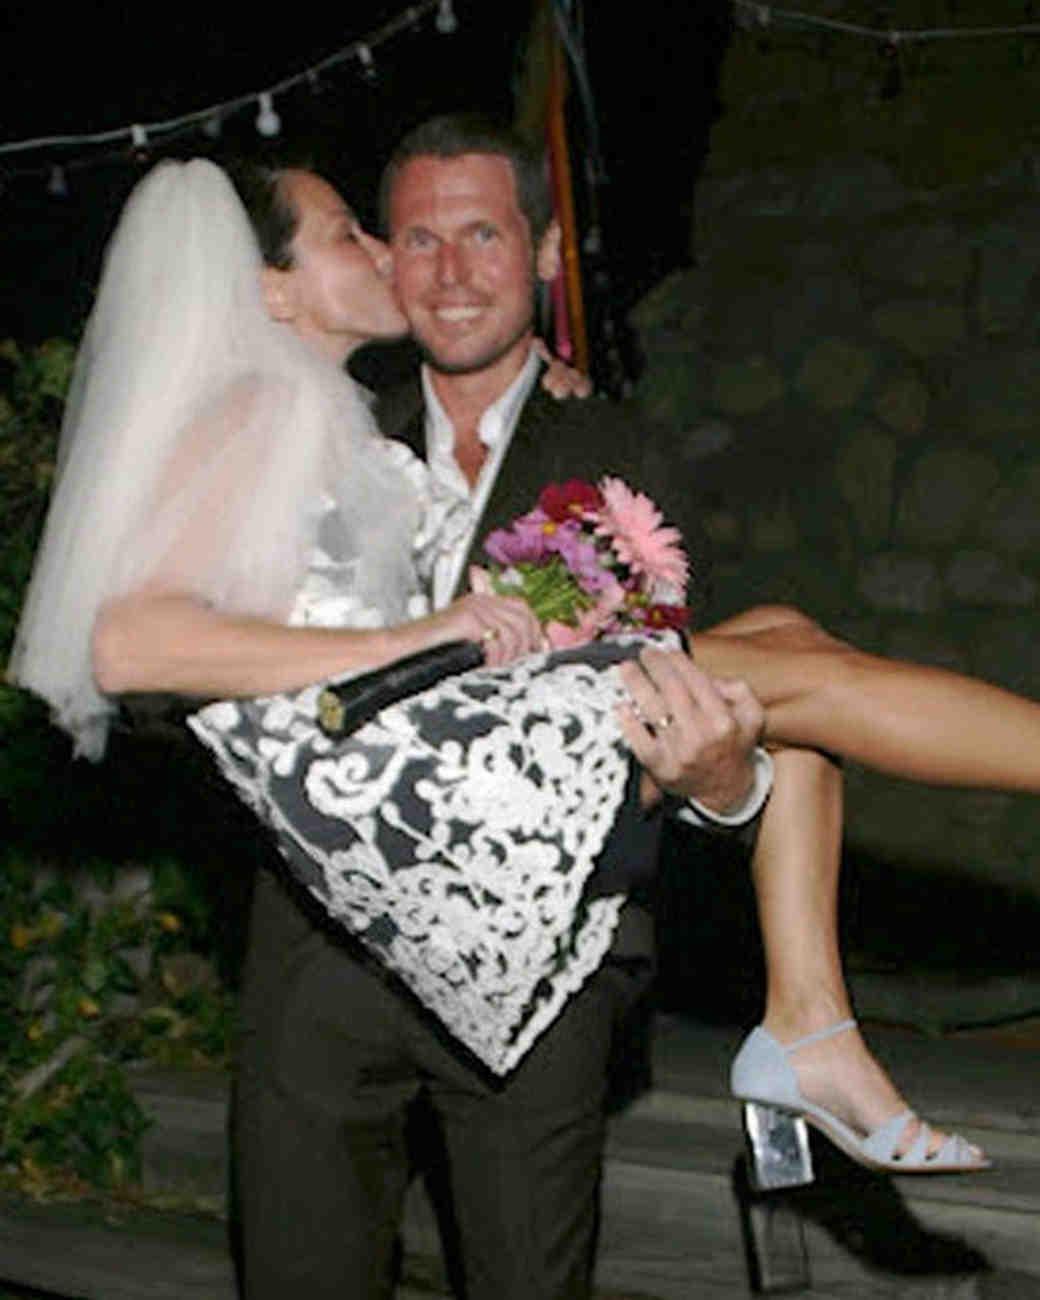 cynthia-rowley-bill-powers-wedding-0616.jpg